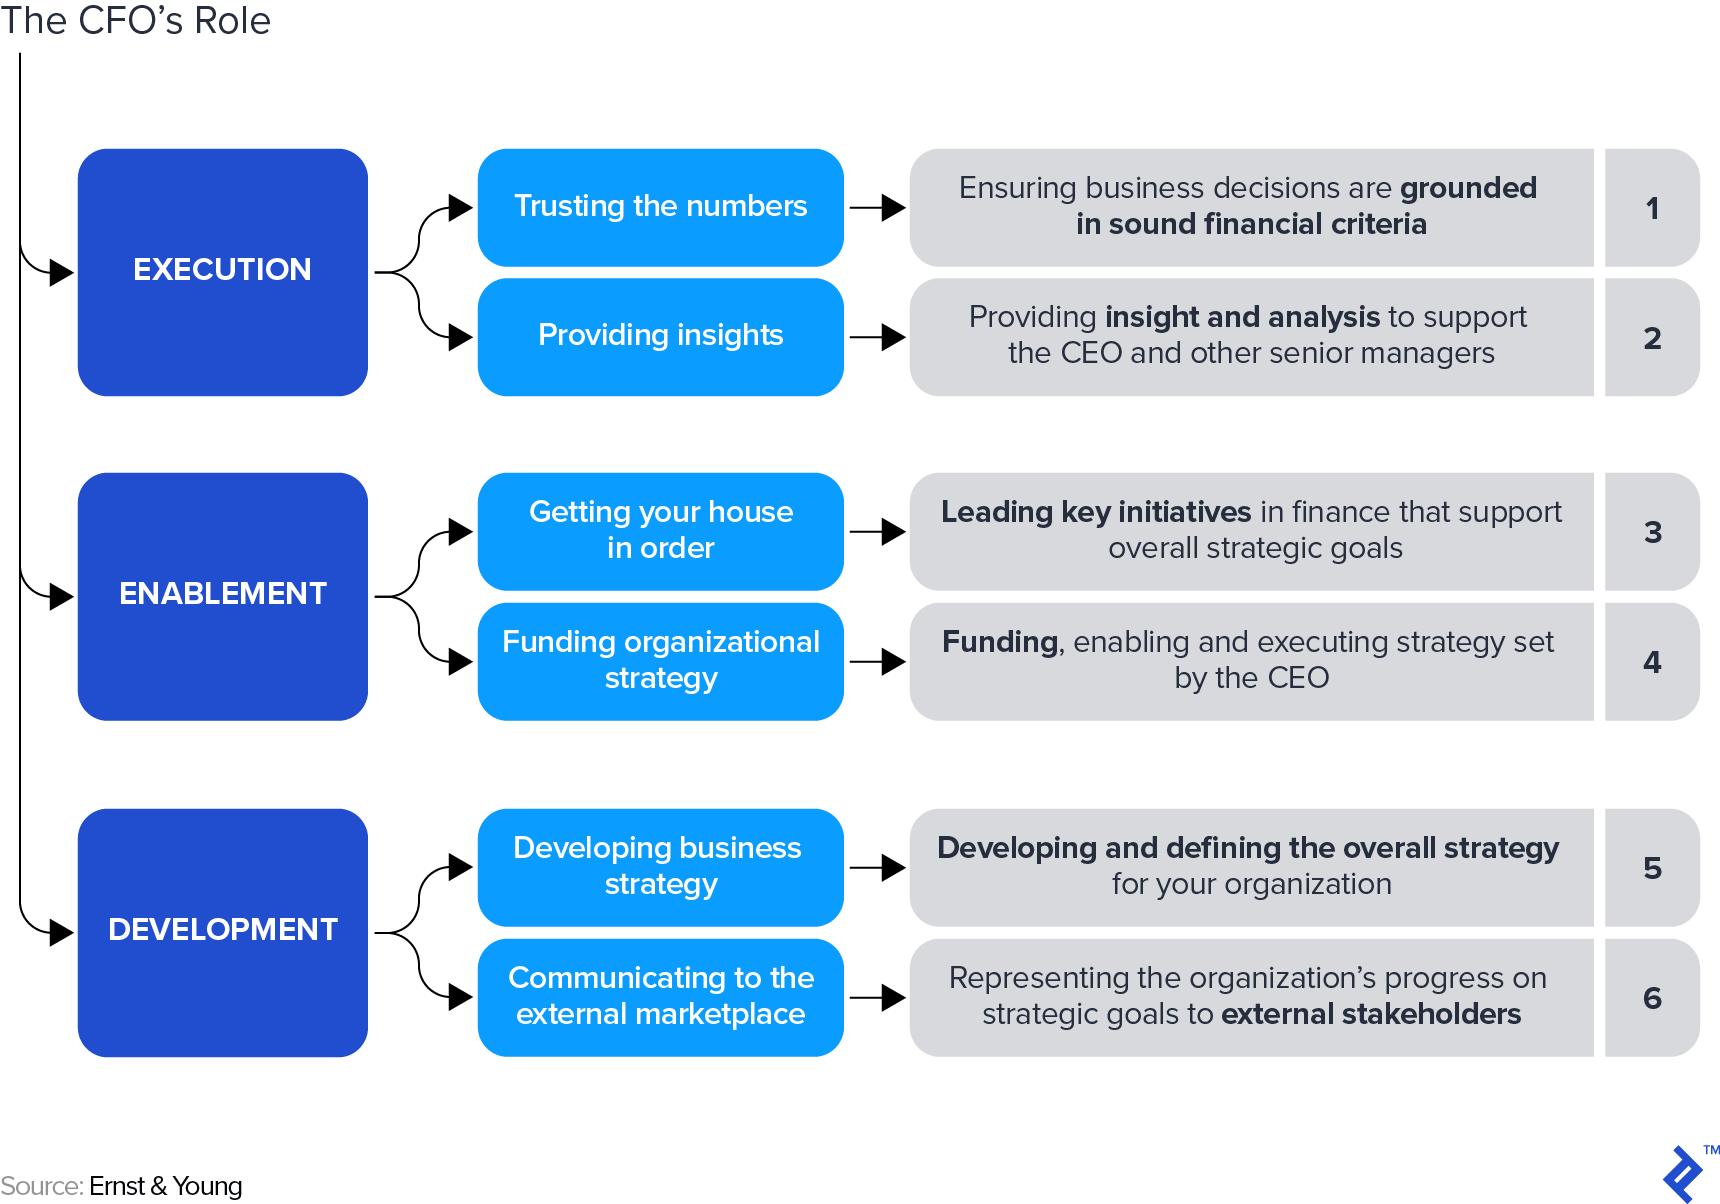 The CFO's Role